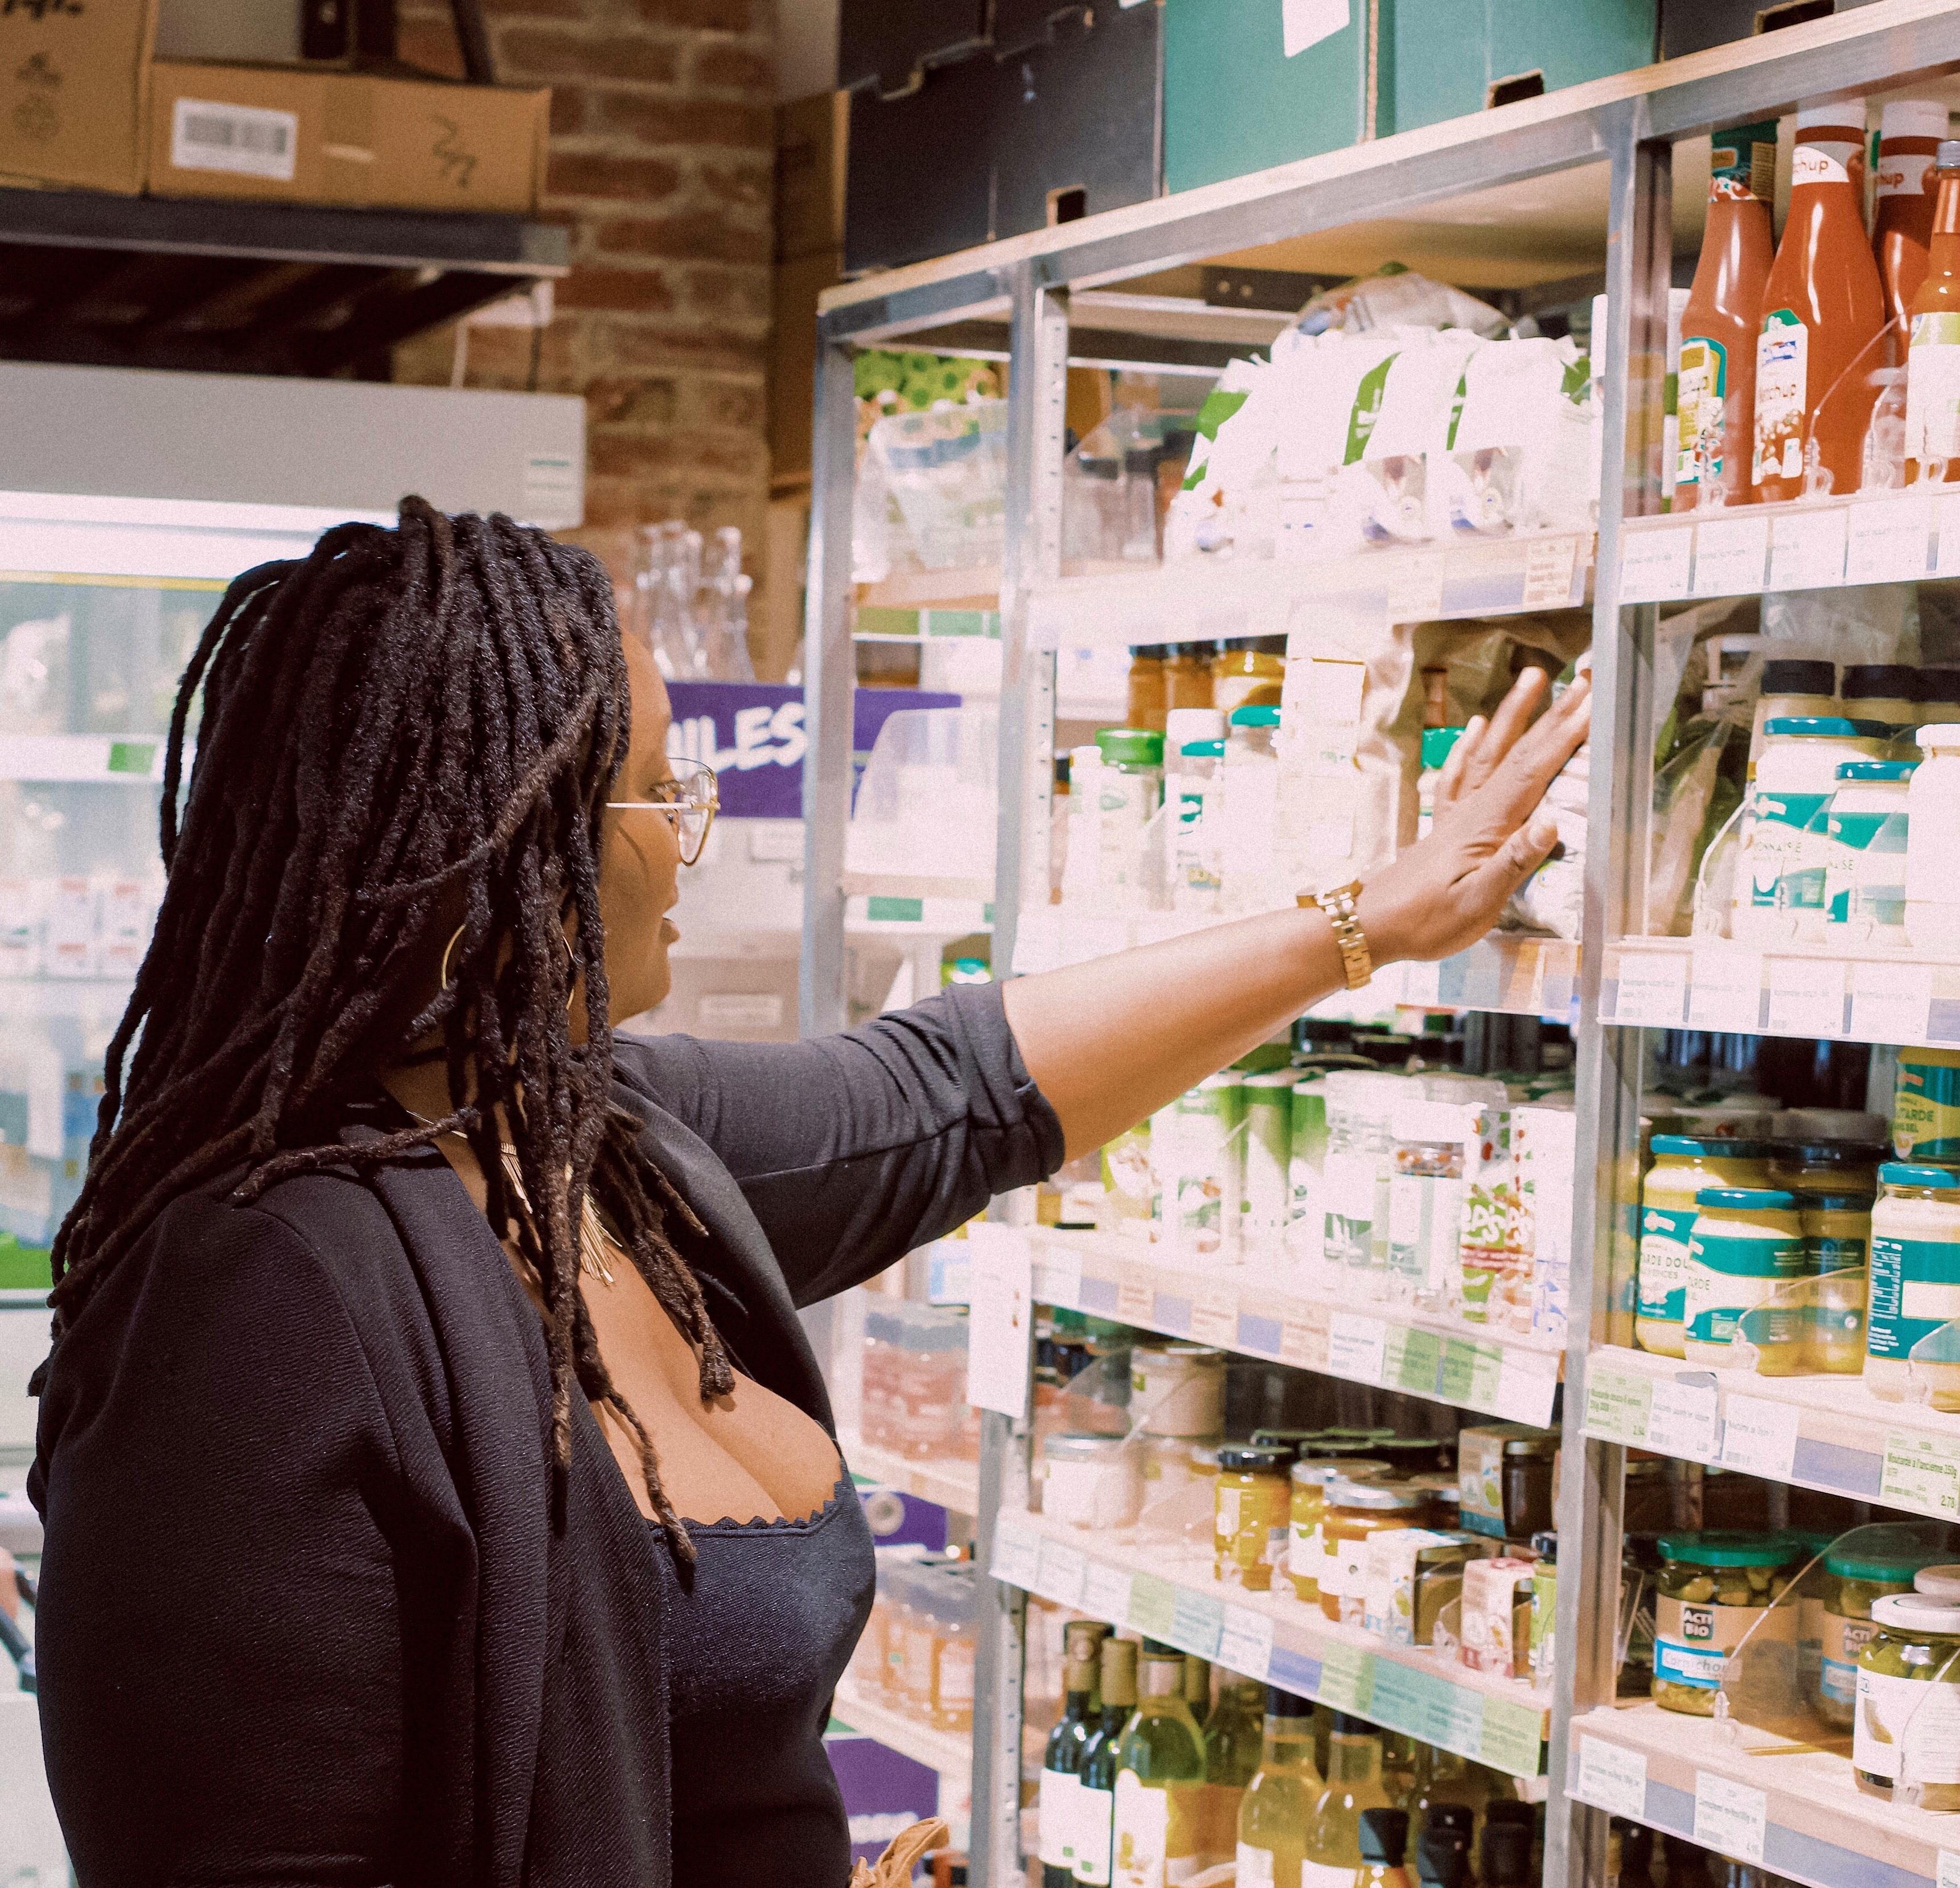 Femme pesant son choix dans un rayon d'un magasin.